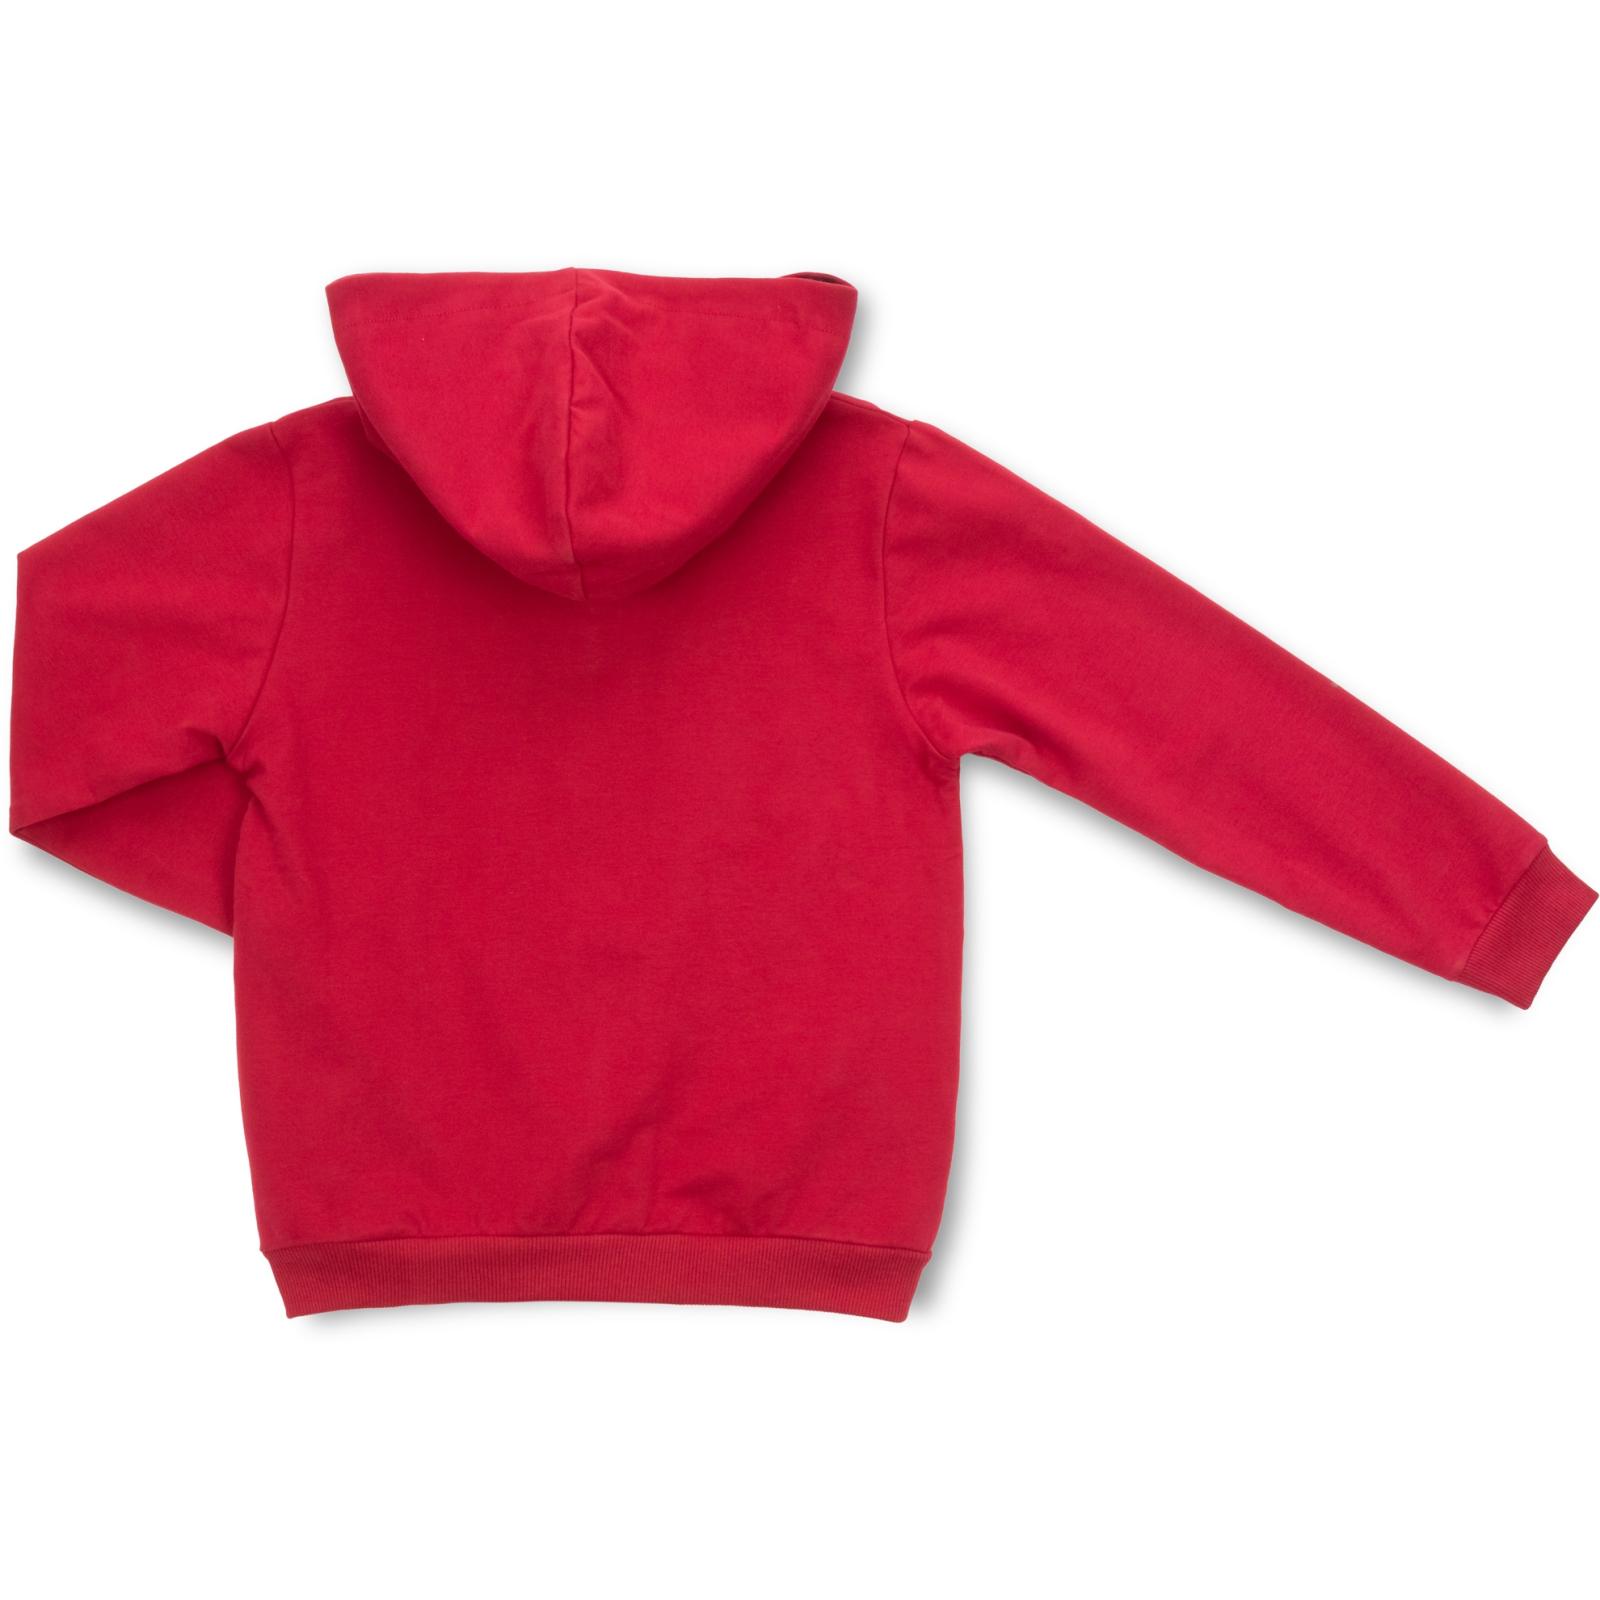 """Спортивный костюм Breeze """"95"""" (13196-140B-redblue) изображение 5"""